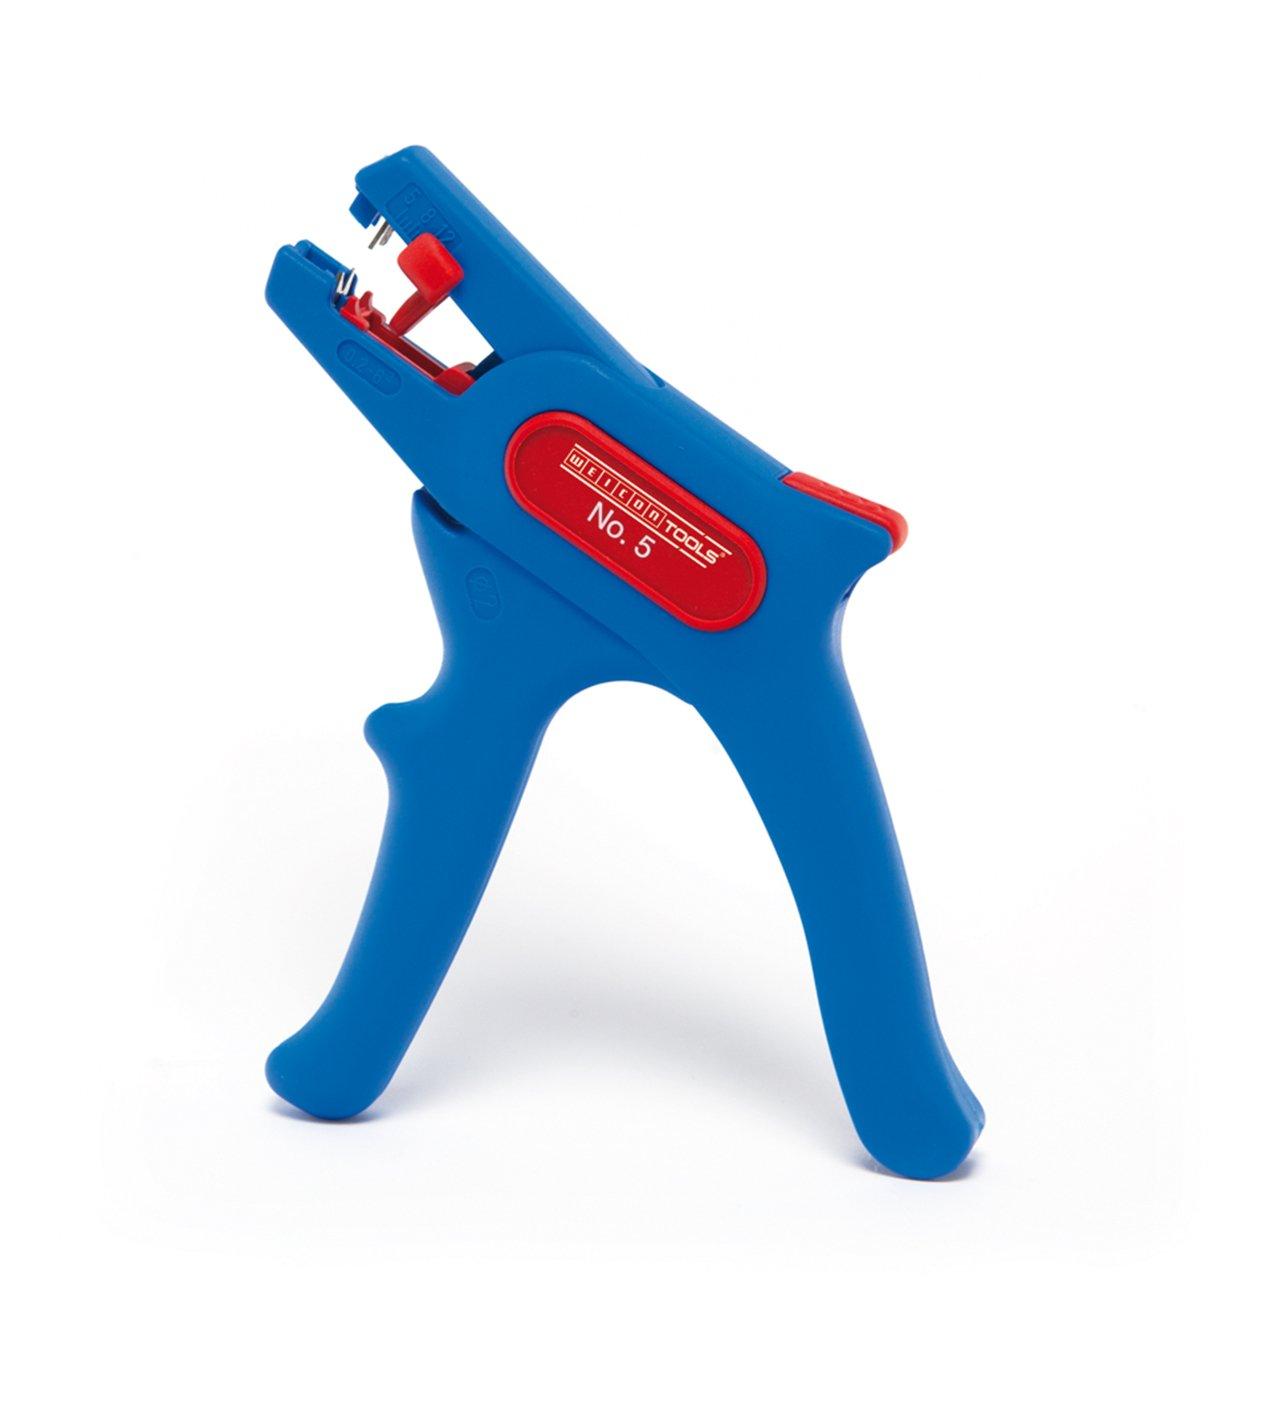 WEICON automatische Abisolierzange No.5 | Abisolierer selbsteinstellend 0, 2 - 6 mm (24 - 10 AWG) | Abisolierwerkzeug mit Seitenschneider bis 2 mm |  Abisolieren von Rundkabeln | TÜ V | blau / rot | 100% Made in Germany 51000005